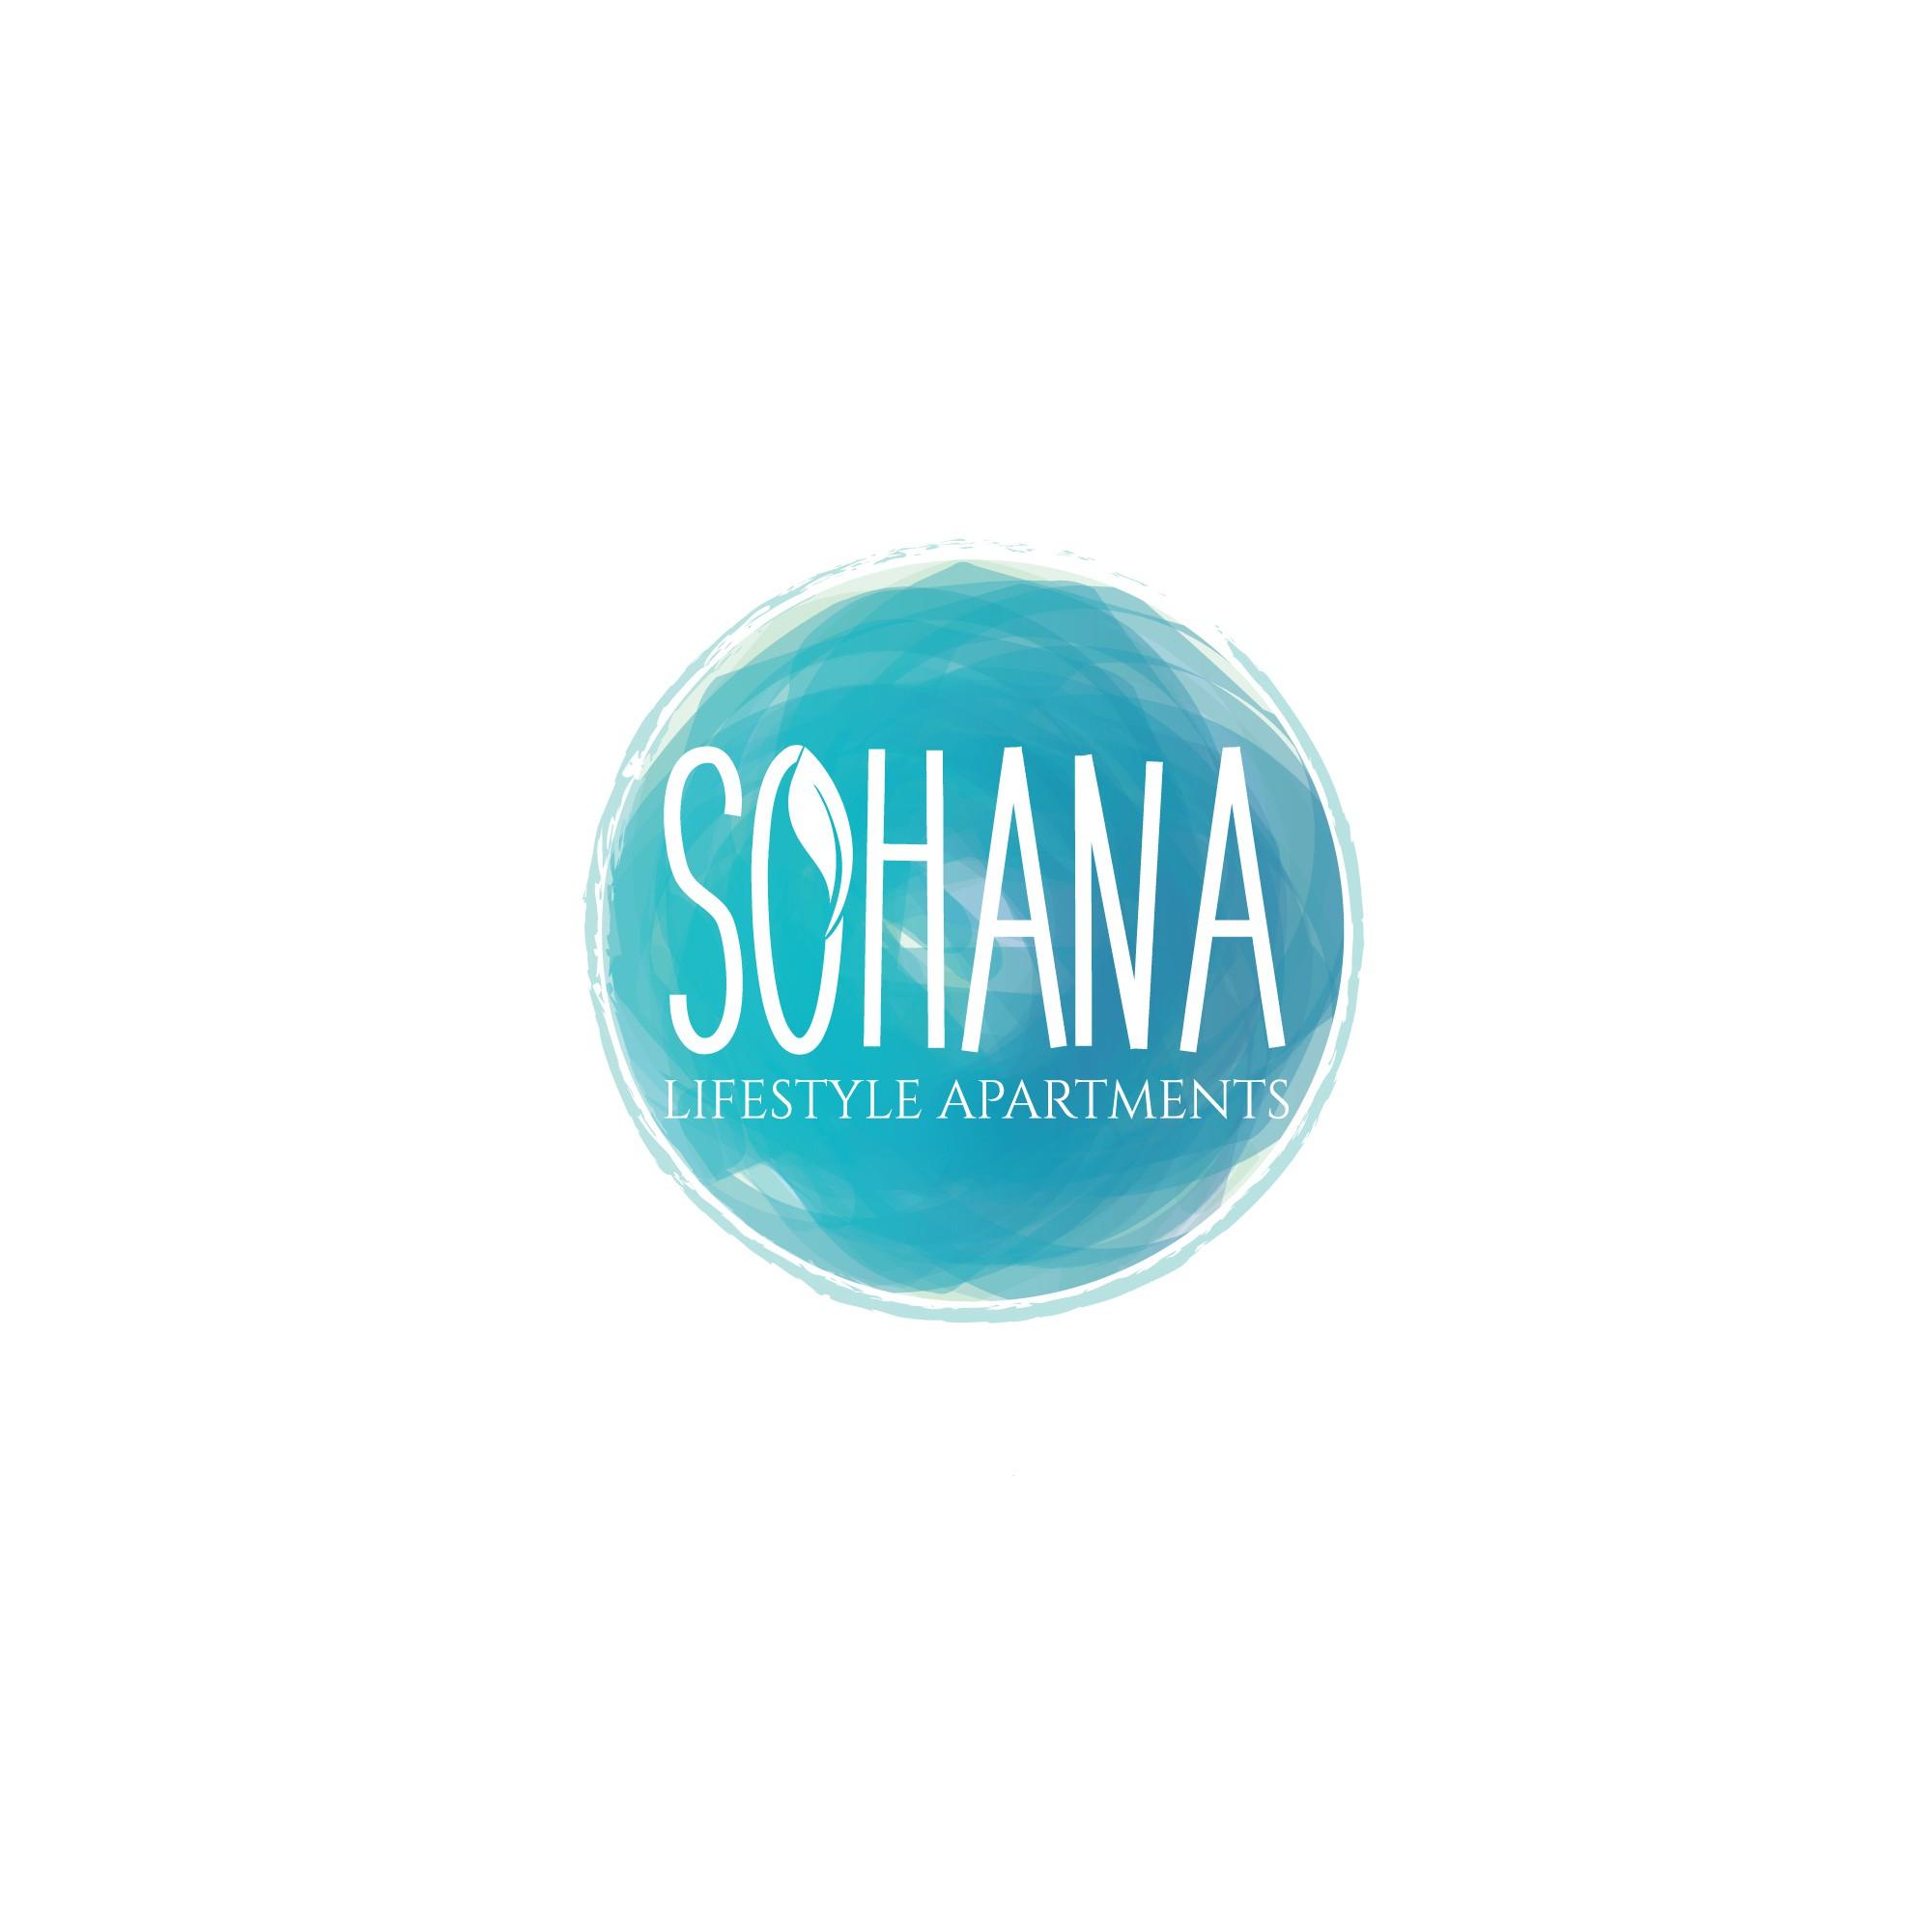 Sohana Lifestyle Apartments suchen cooles Logo zum Aufbau eines kleinen Imperiums :D